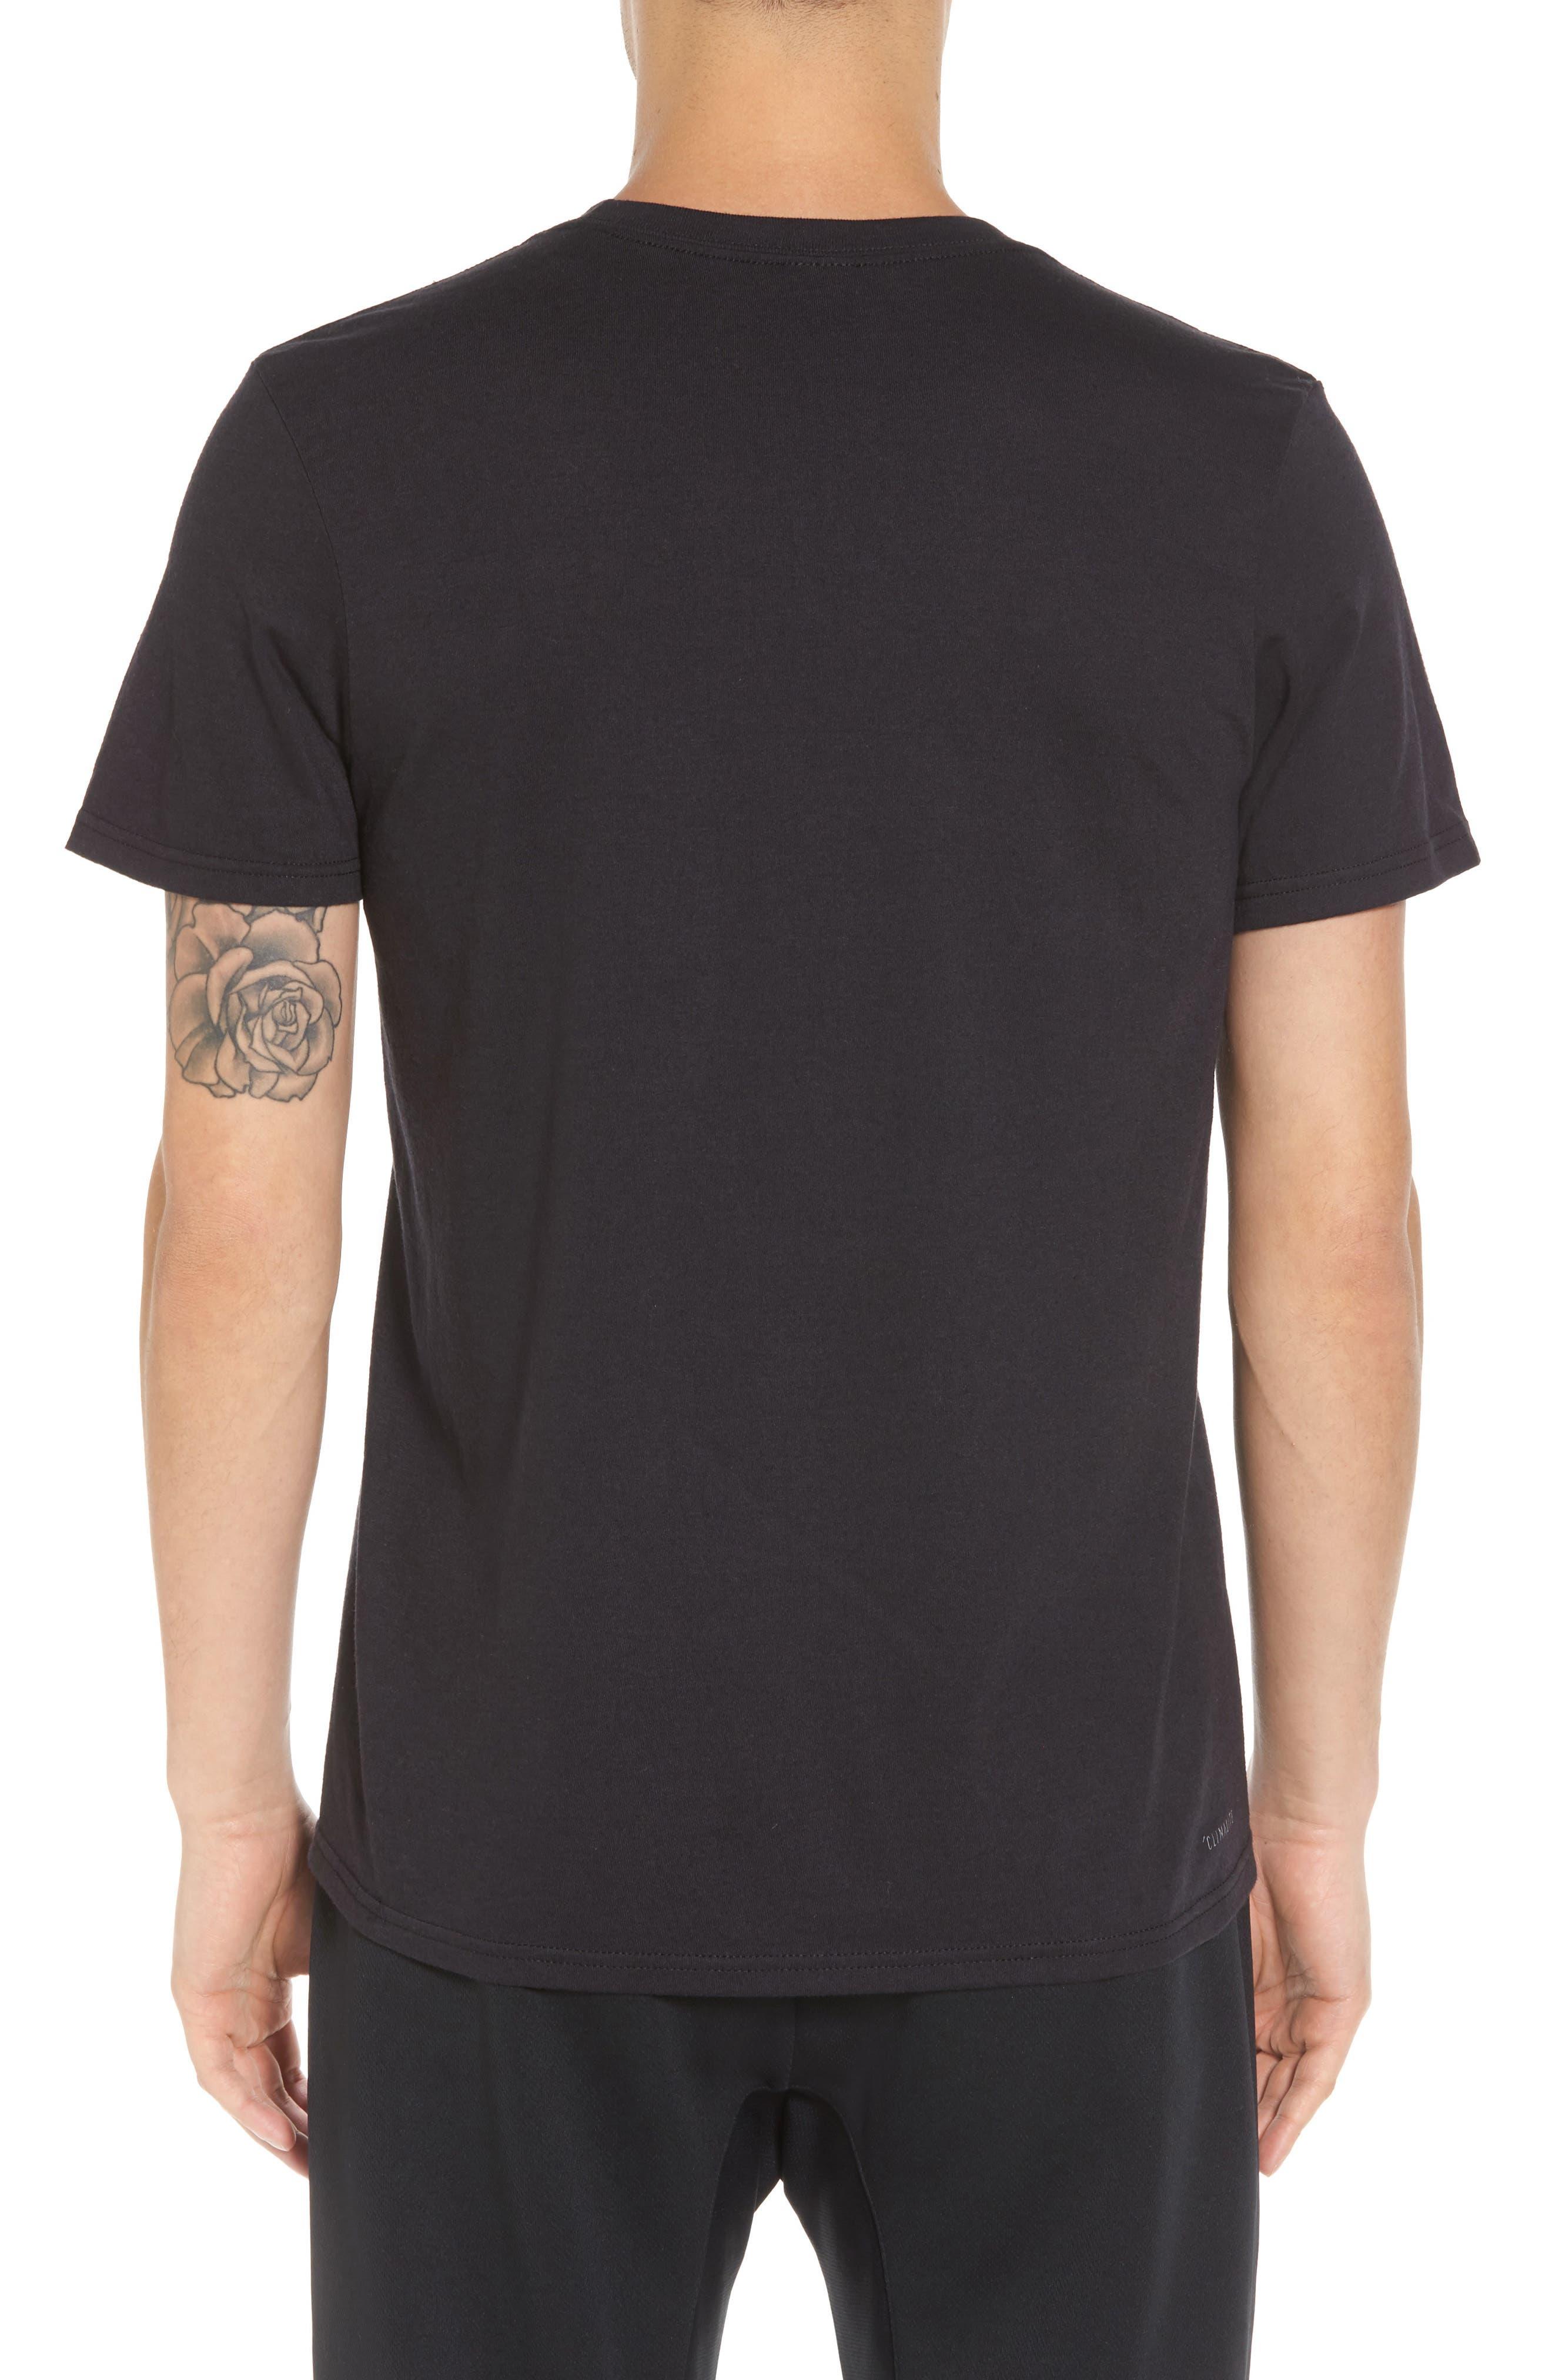 TSL Emblem T-Shirt,                             Alternate thumbnail 2, color,                             BLACK / WHITE